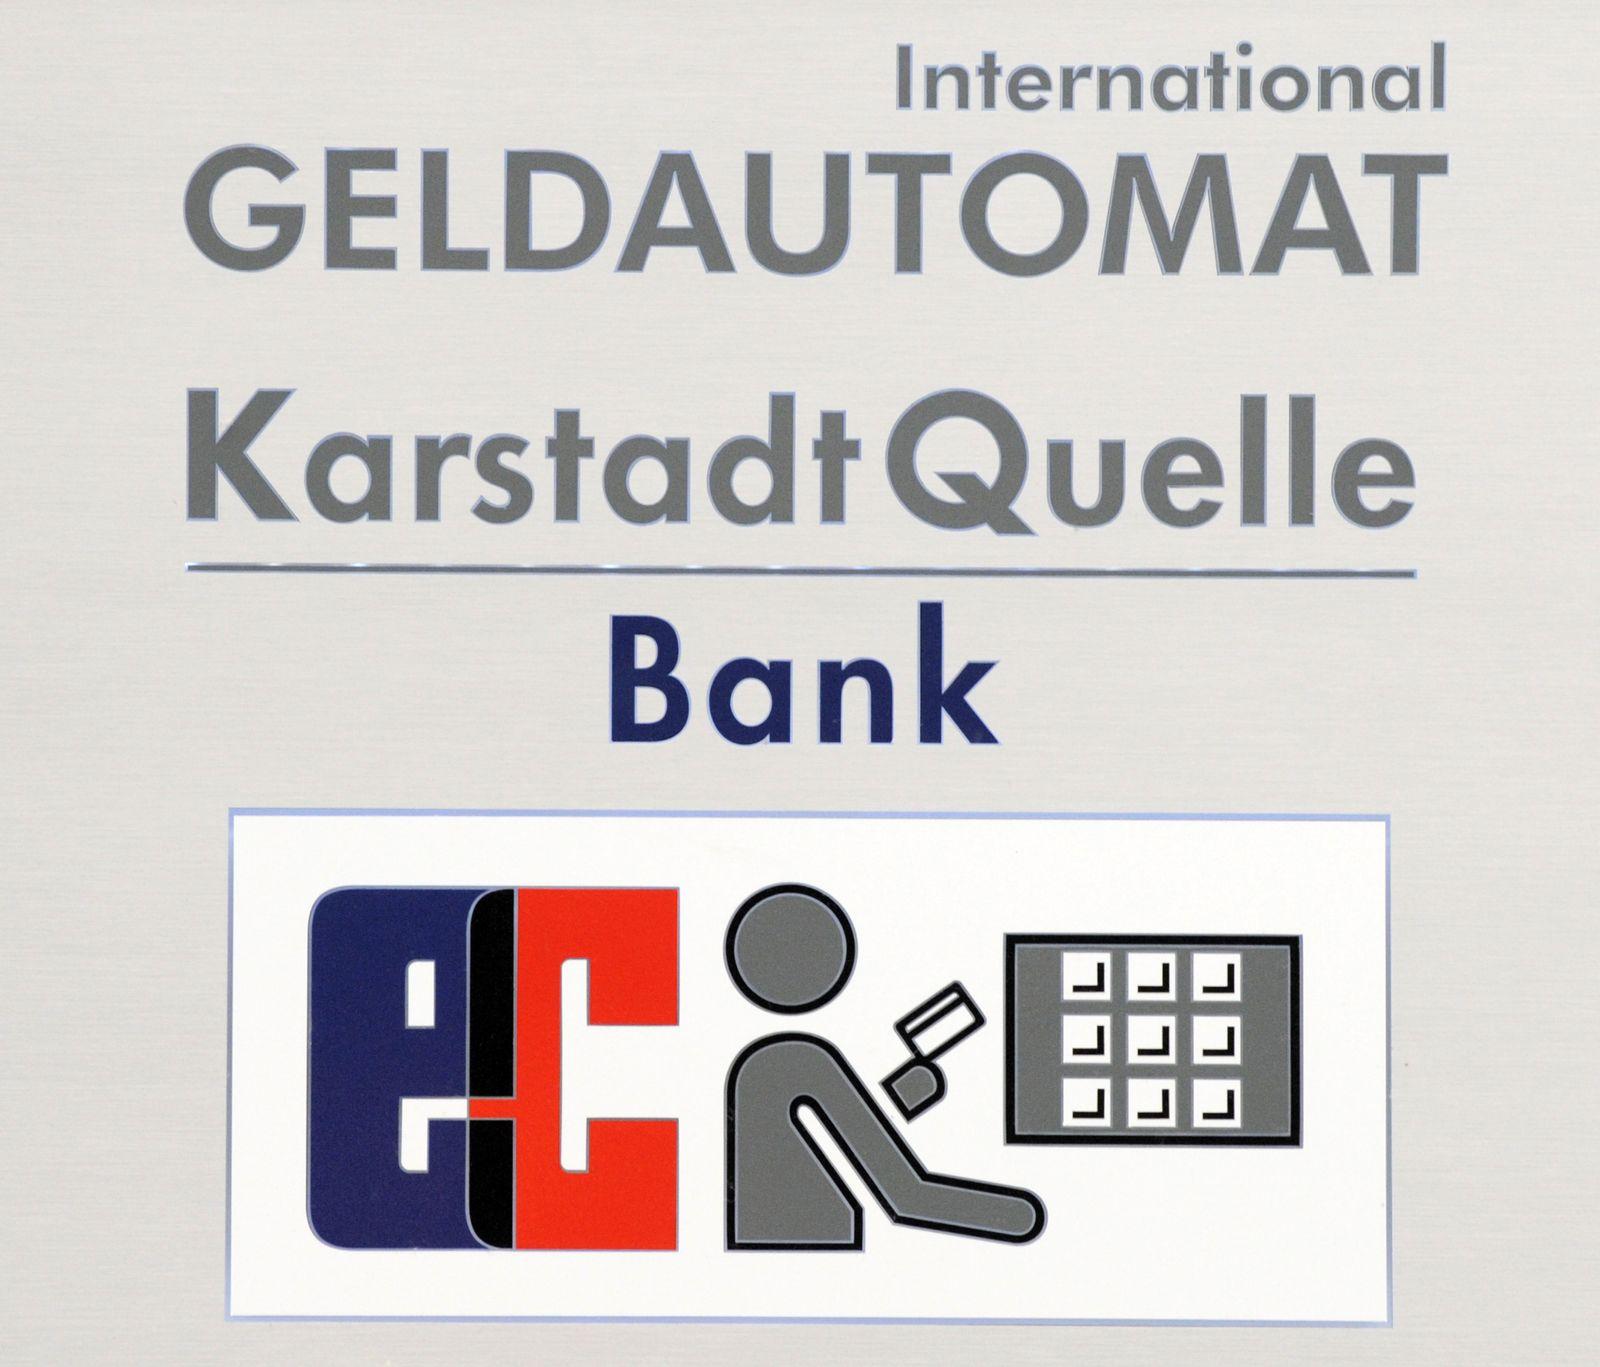 Karstadtquelle Bank